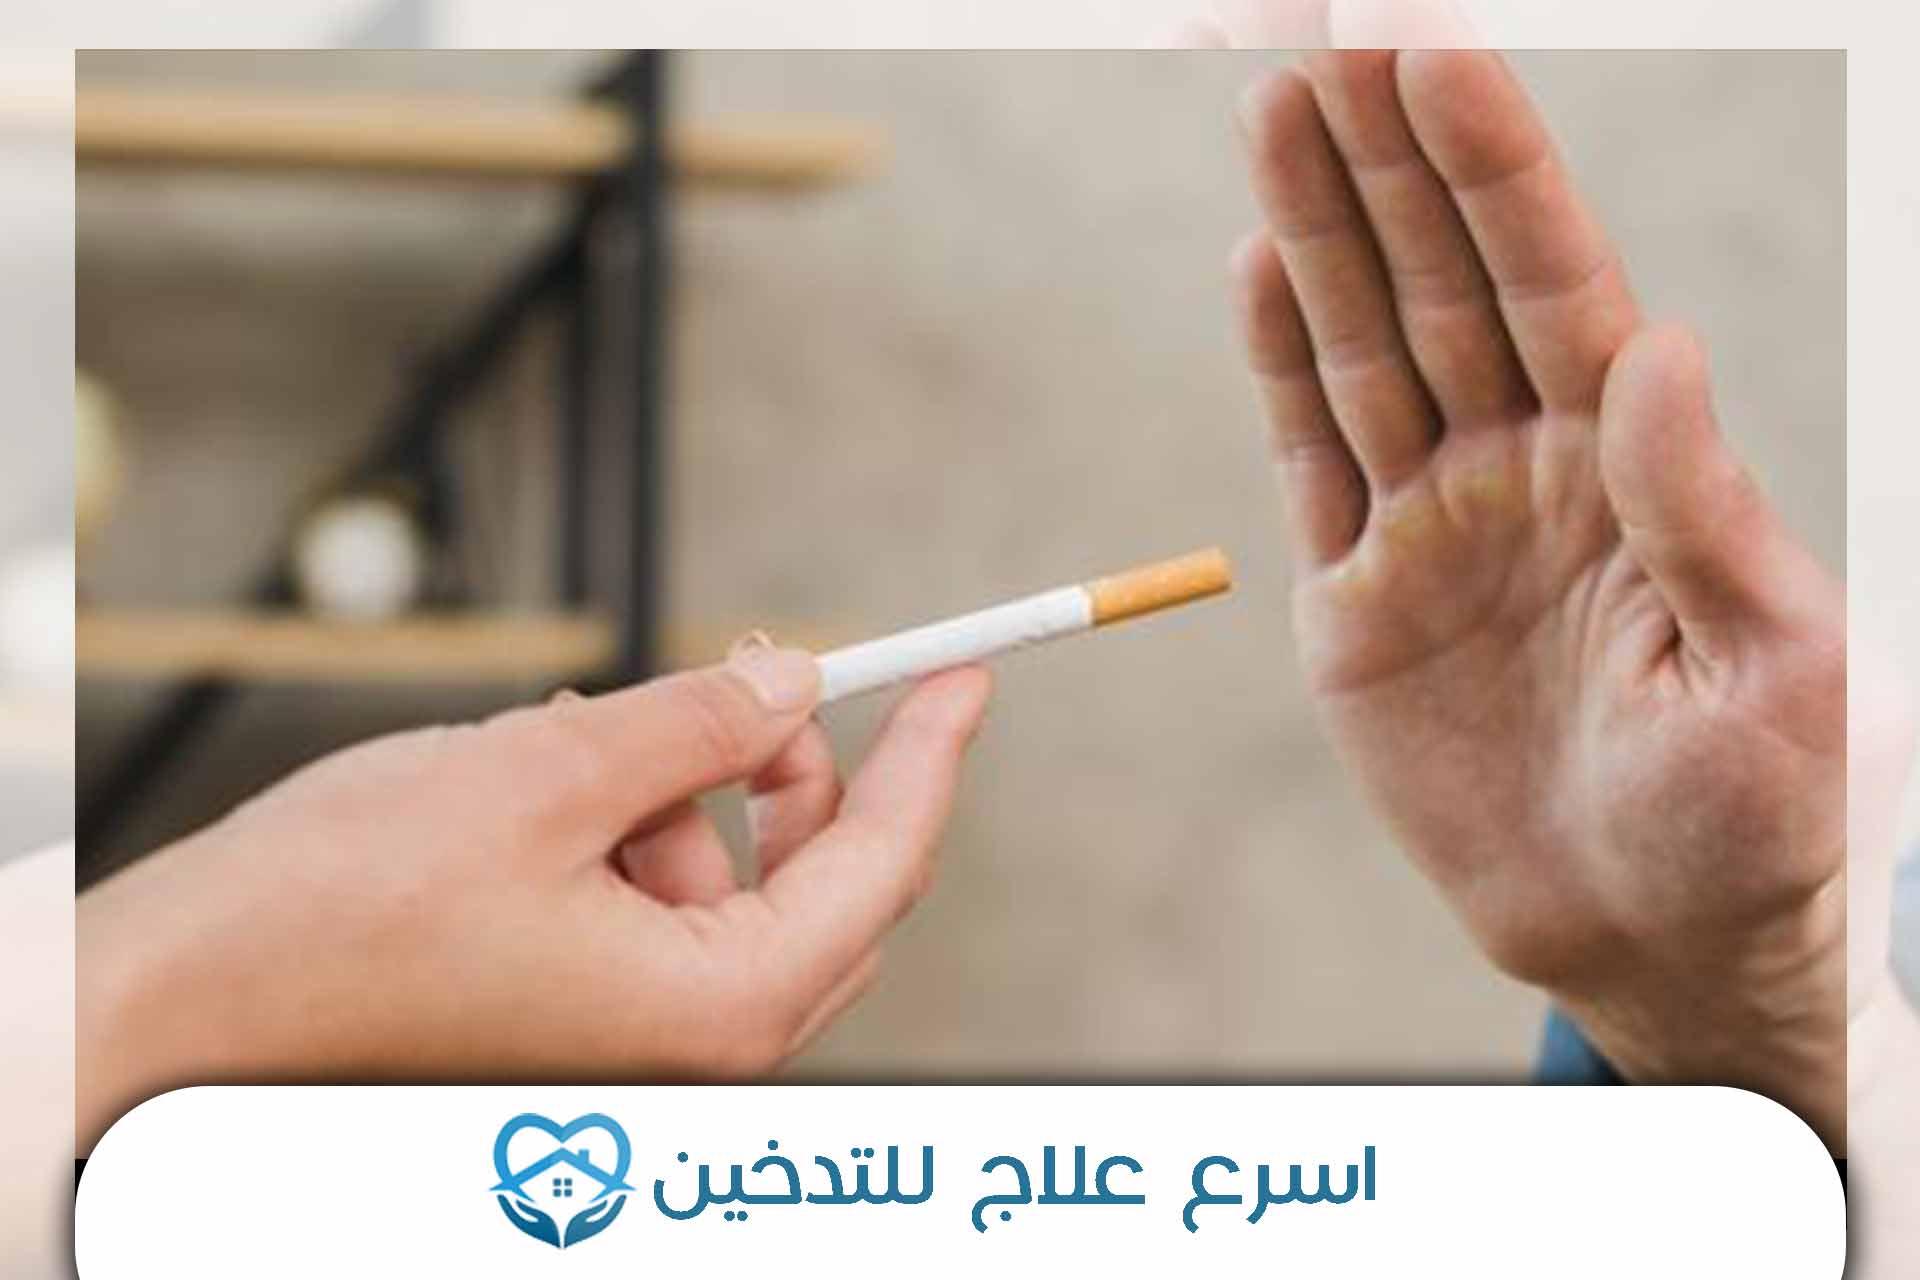 أسرع علاج للتدخين